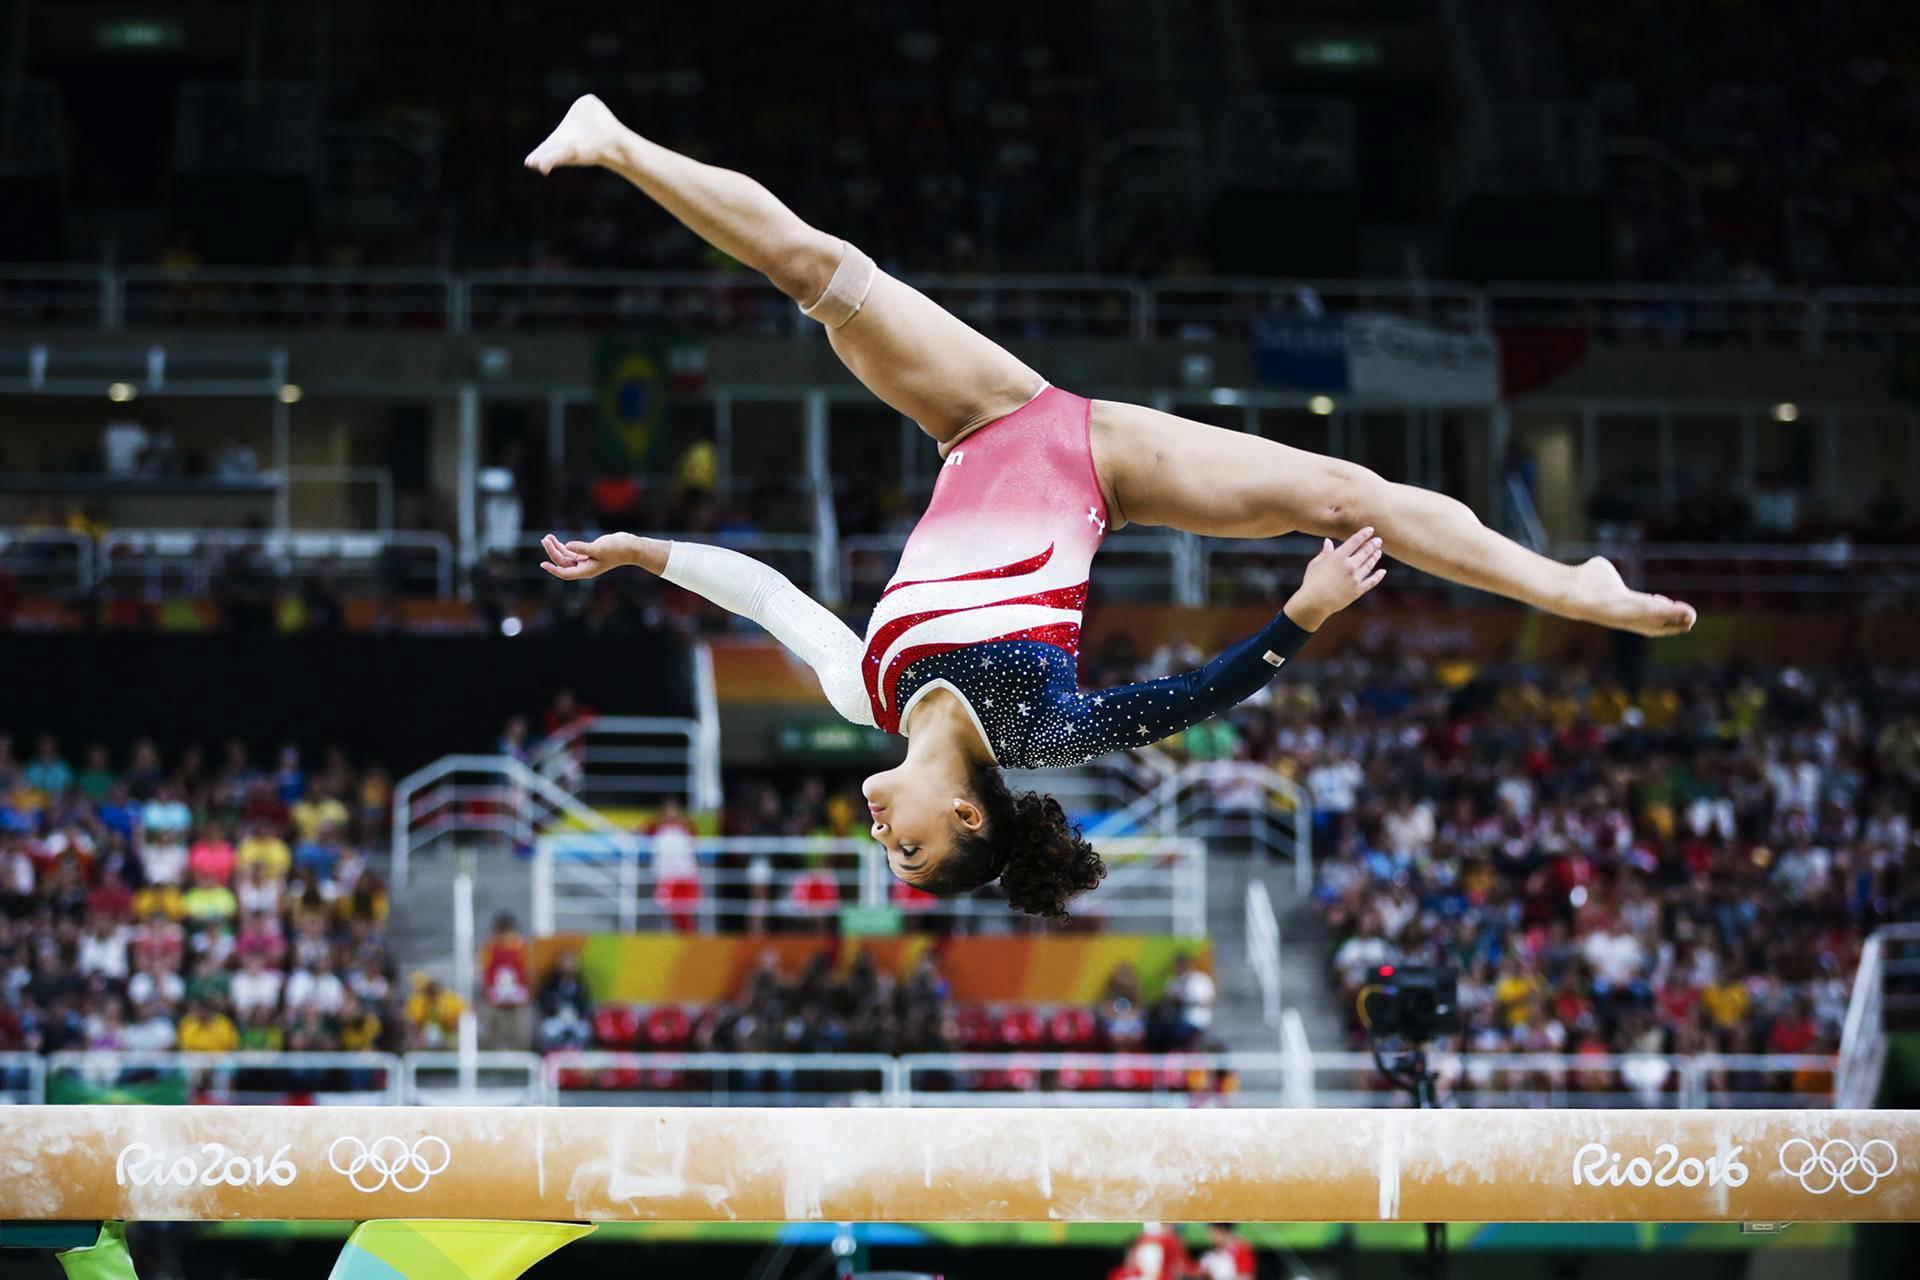 Rion olympialaiset: Naisten joukkuevoimistelussa kultaa otti Yhdysvaltain joukkue. Laurie Hernandez taituroi puomilla.